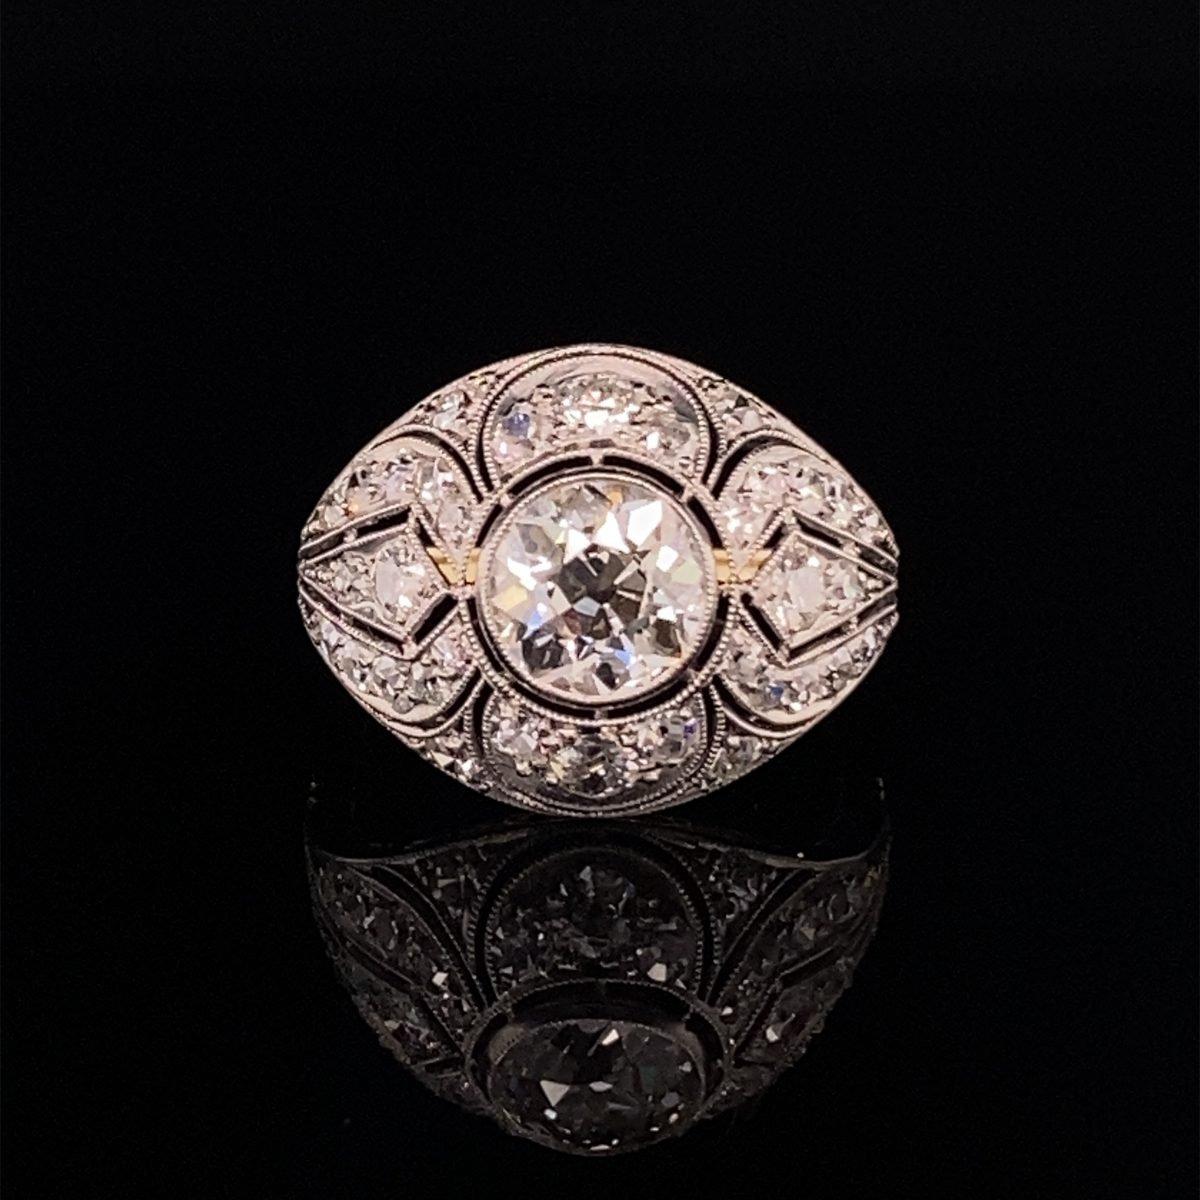 Art Deco diamond 'Bombe' ring